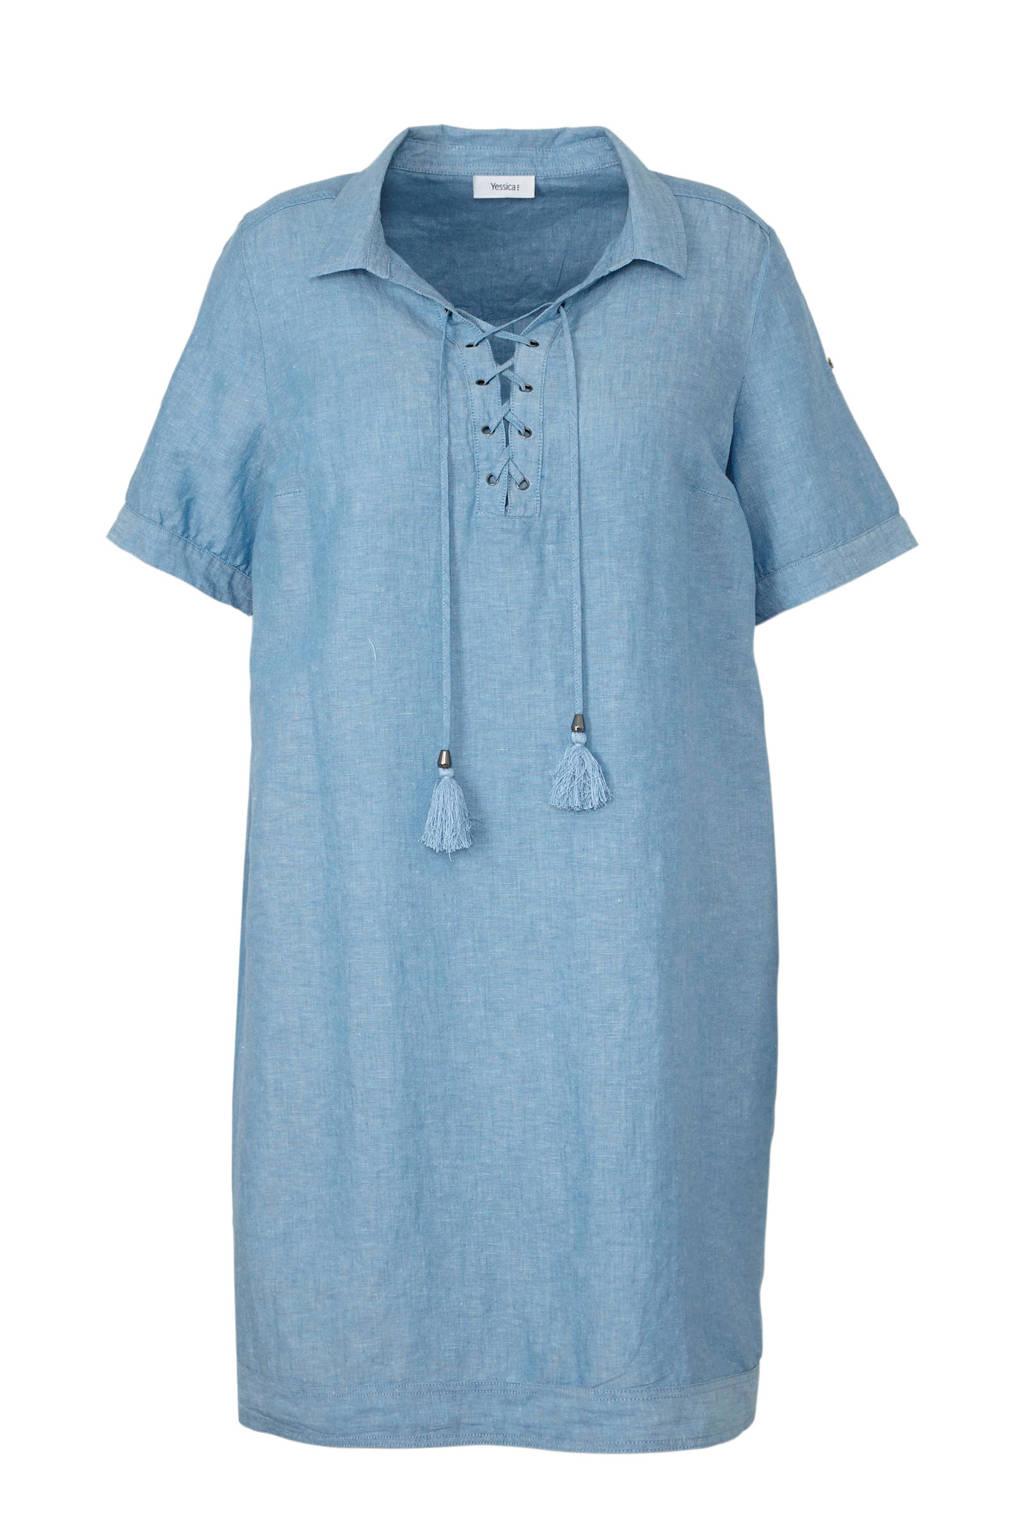 C&A XL Yessica jurk met linnen, Blauw